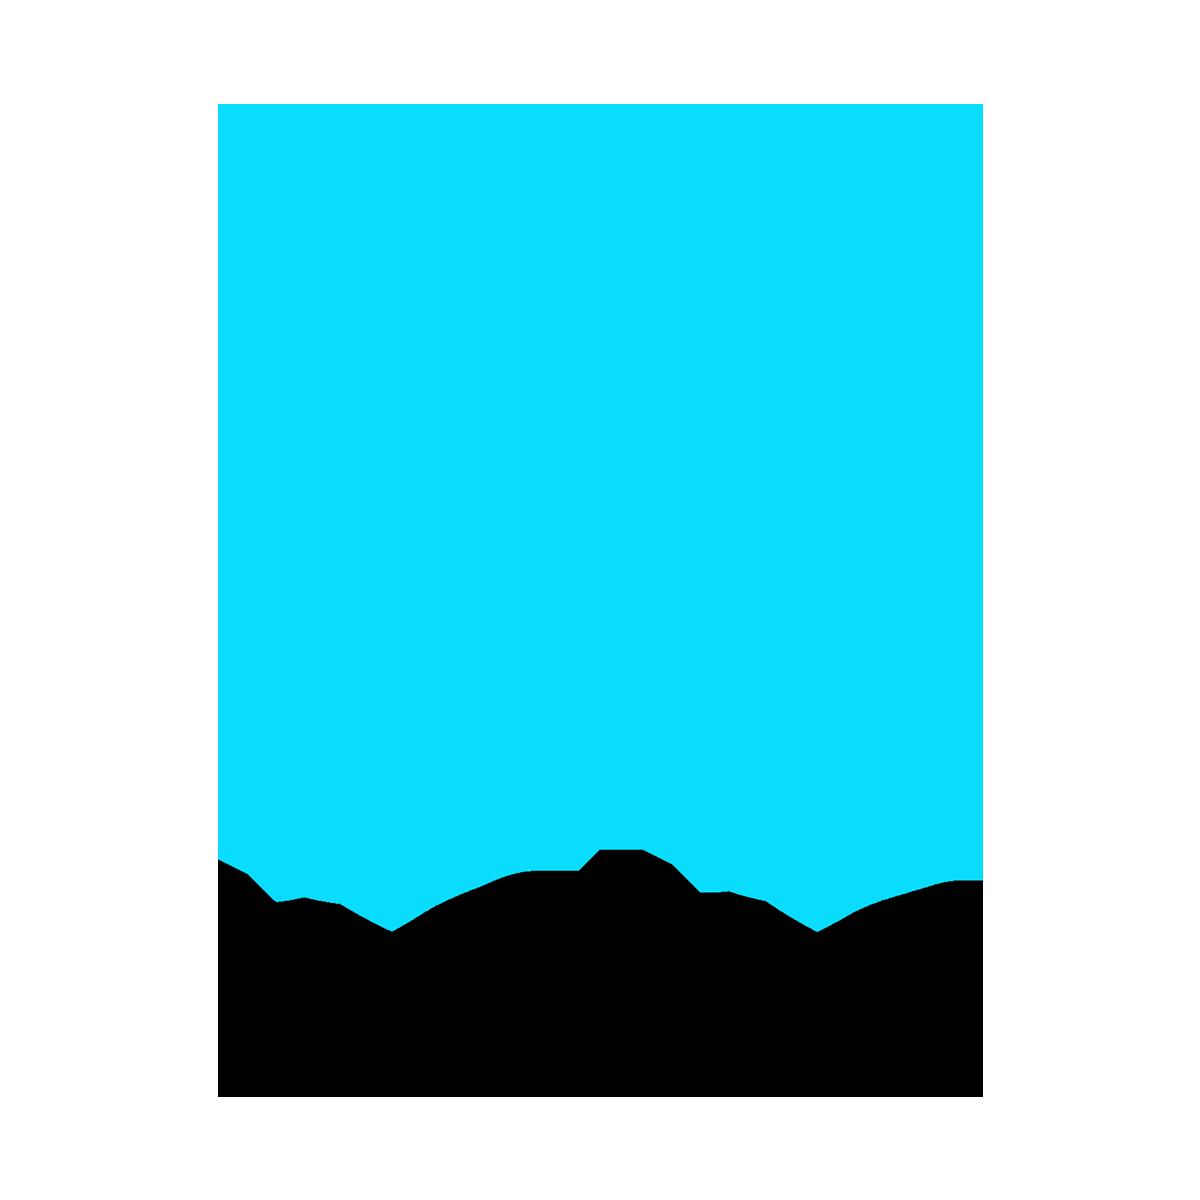 KOKO Logo Lockups 2-02_1200x1200.png